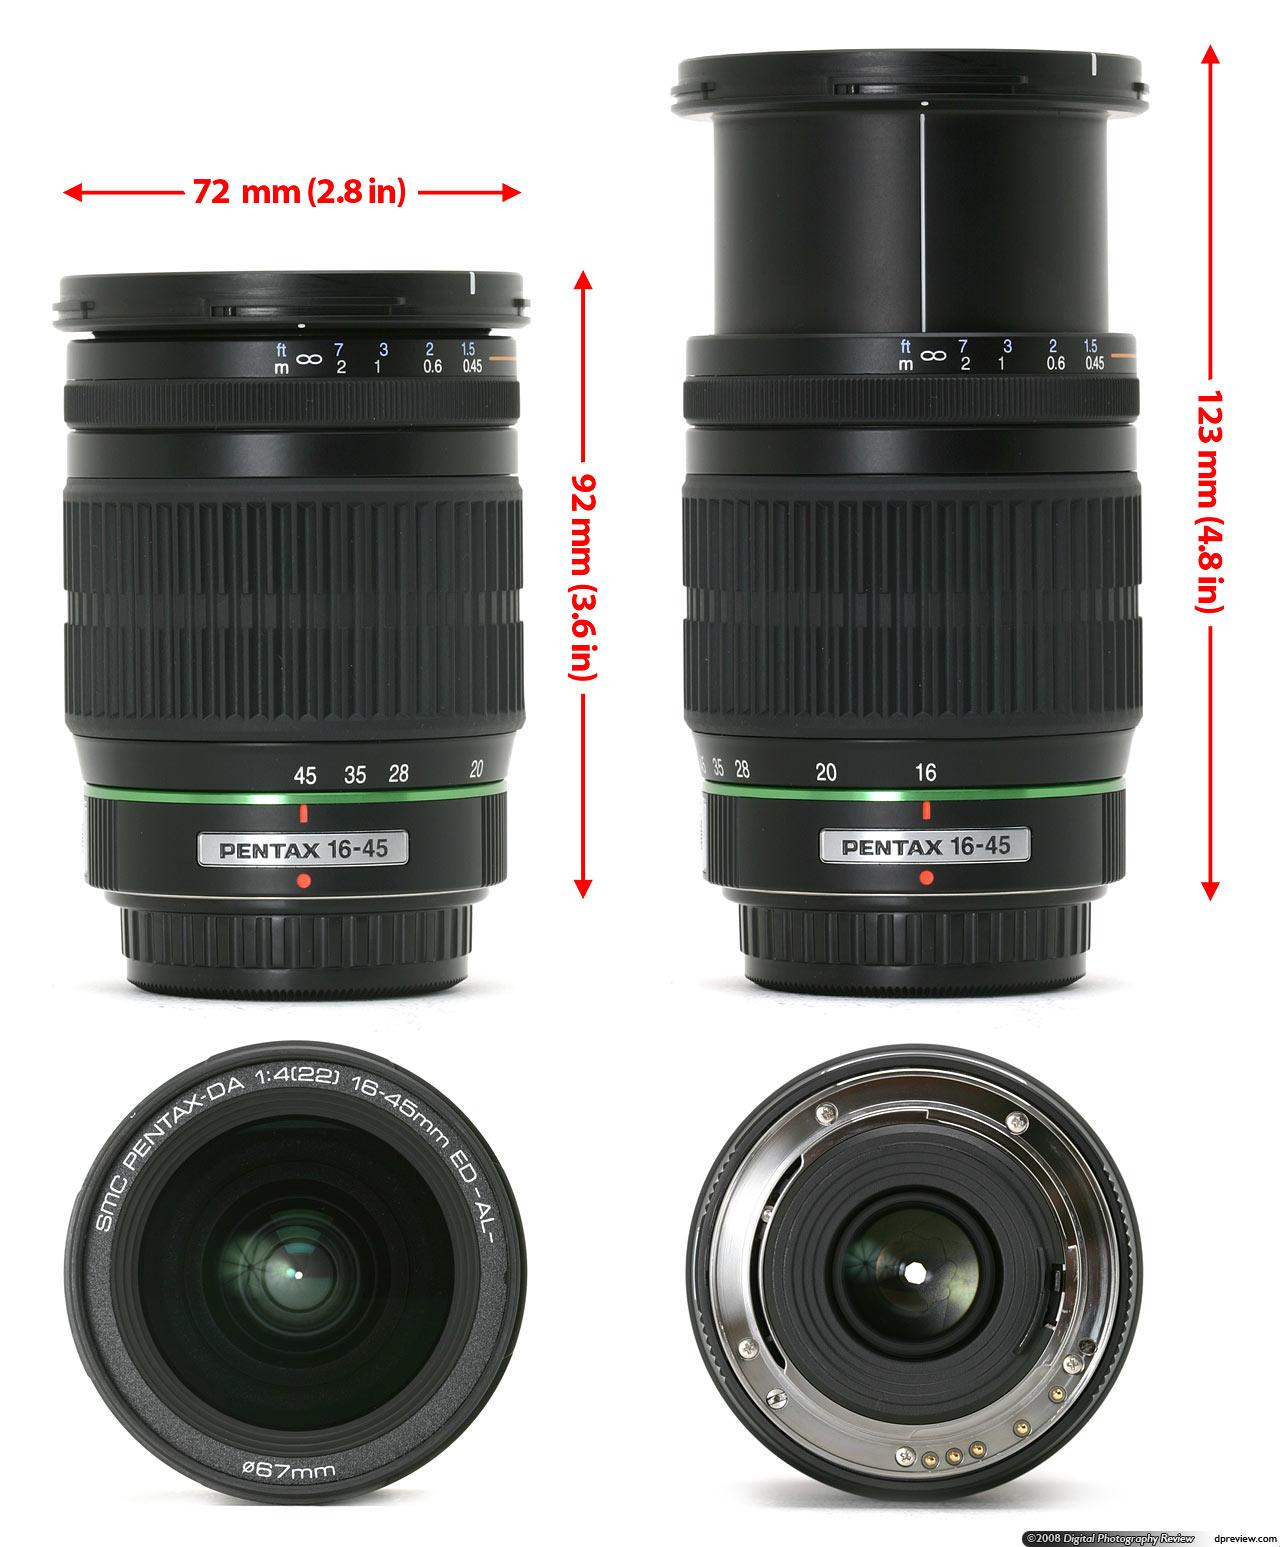 Pentax 16-45 f/4 фото